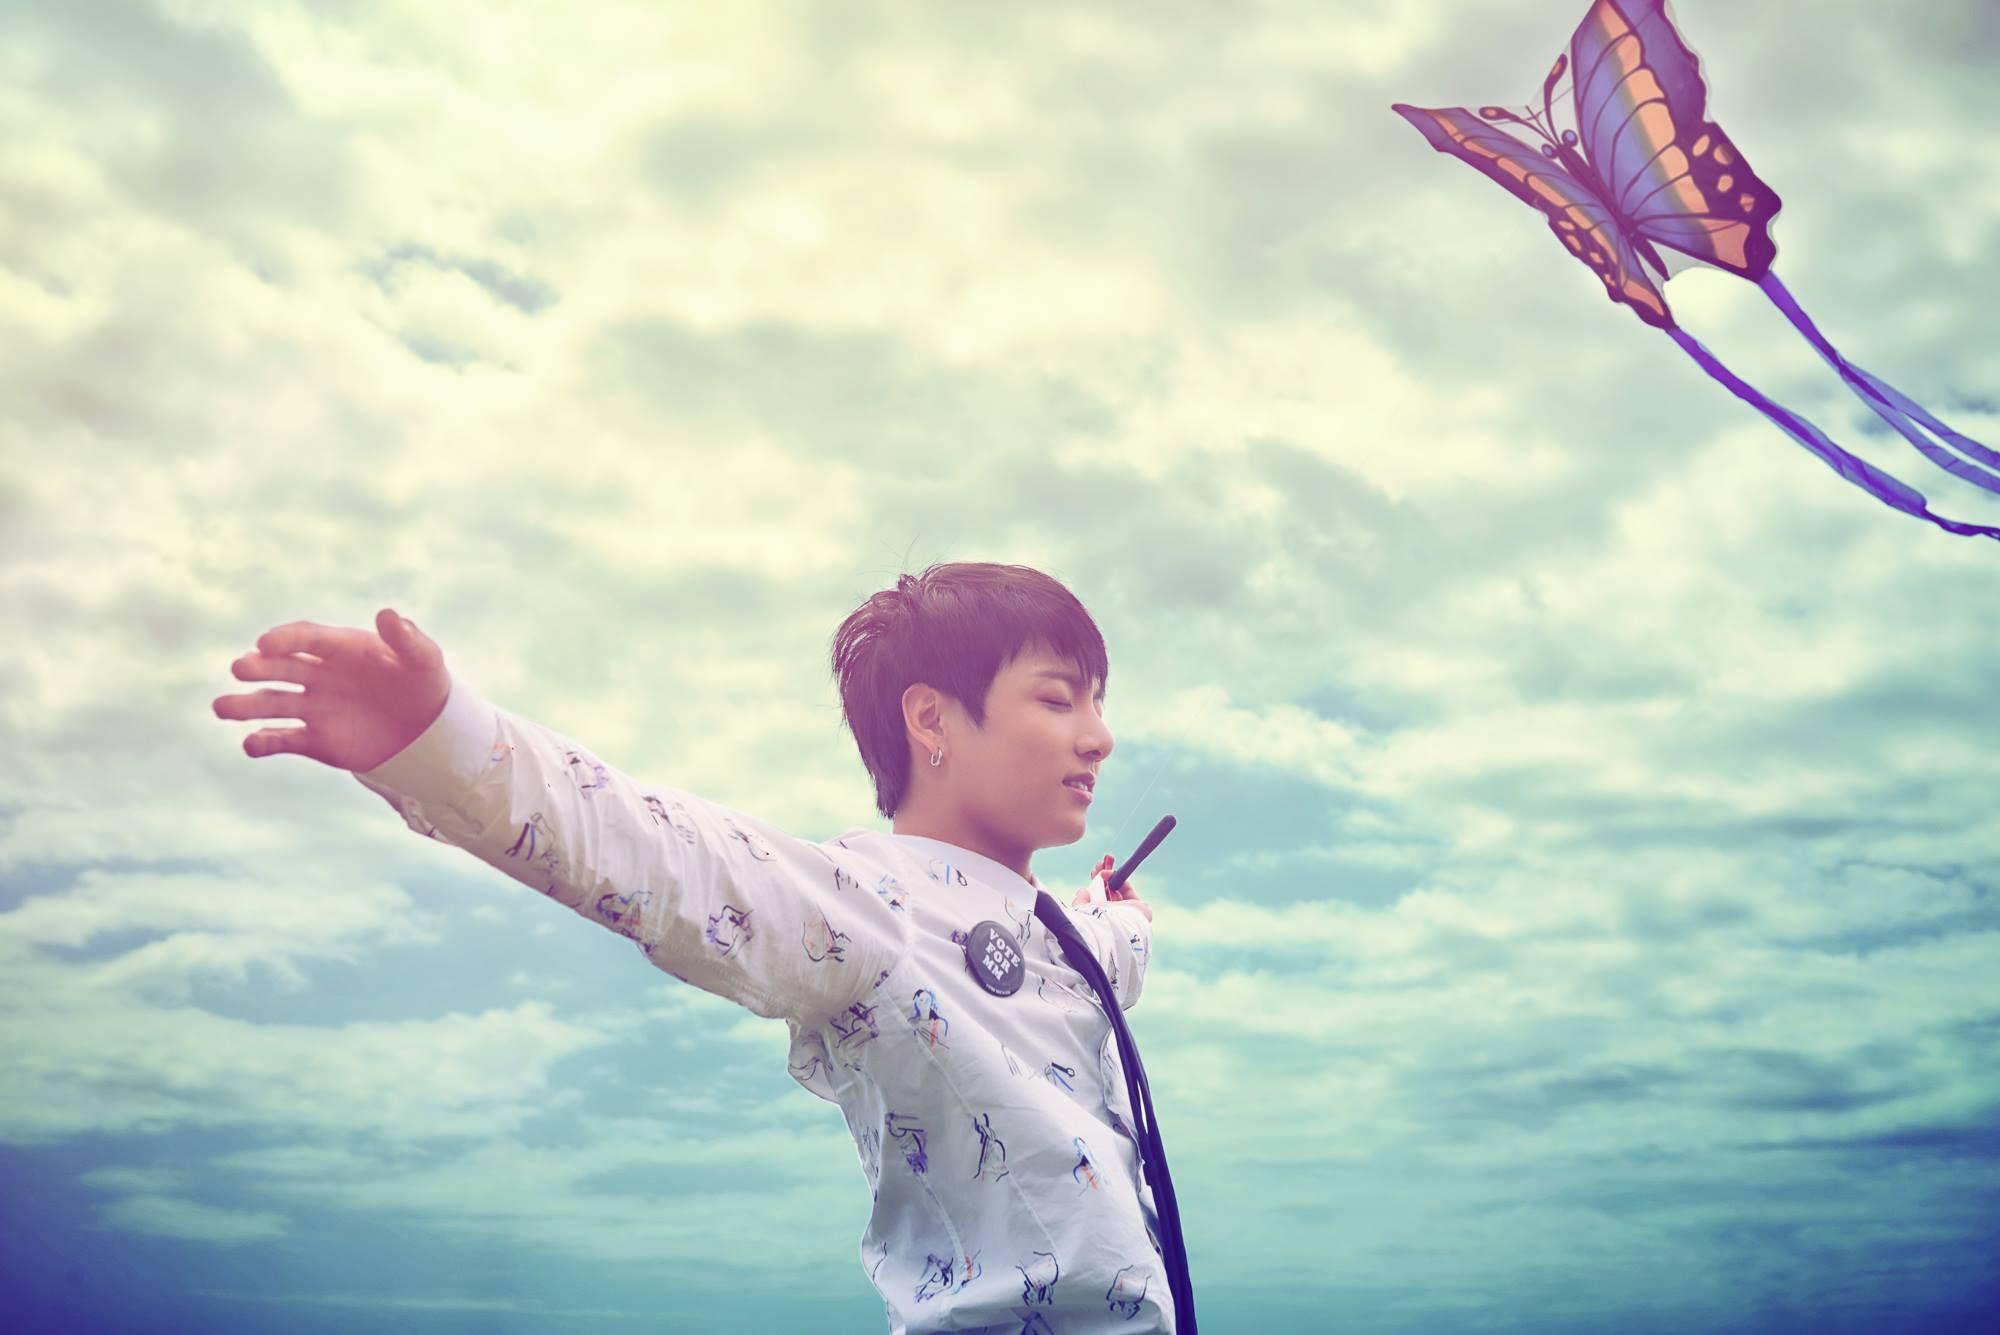 但韓國網友卻覺得【蝴蝶】更能代表防彈少年團近來曲風給人的感受~